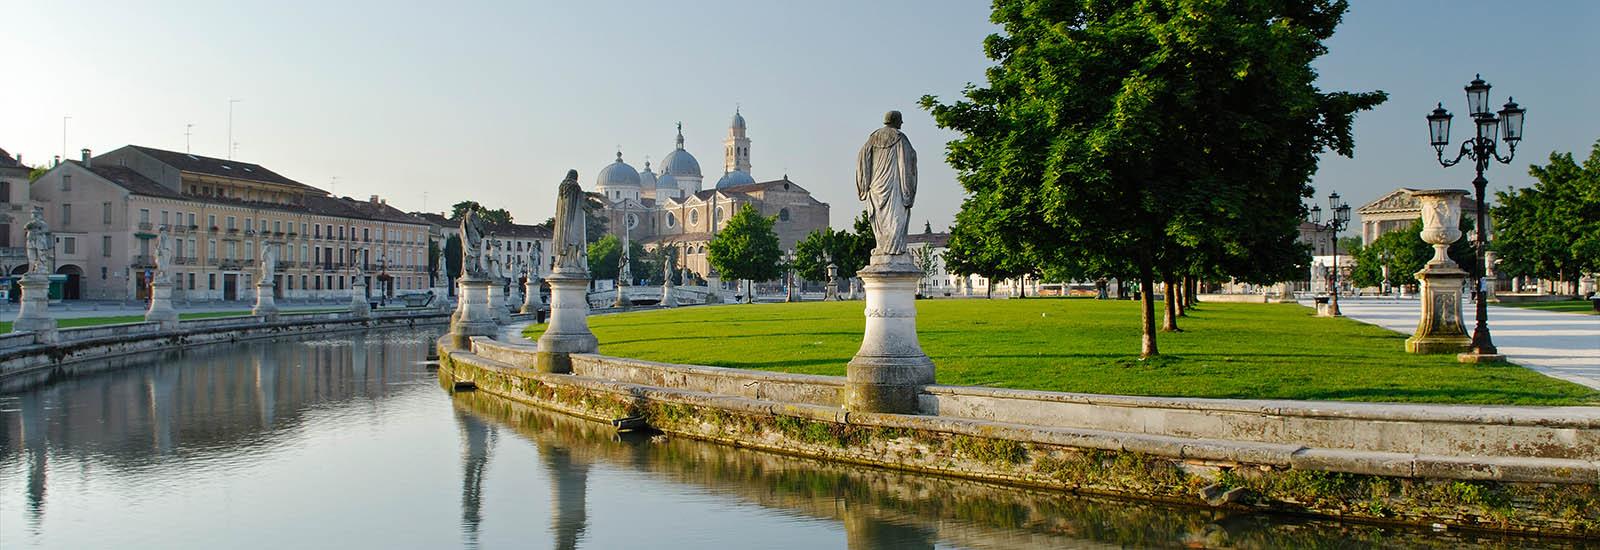 Prato Della Valle - Padua